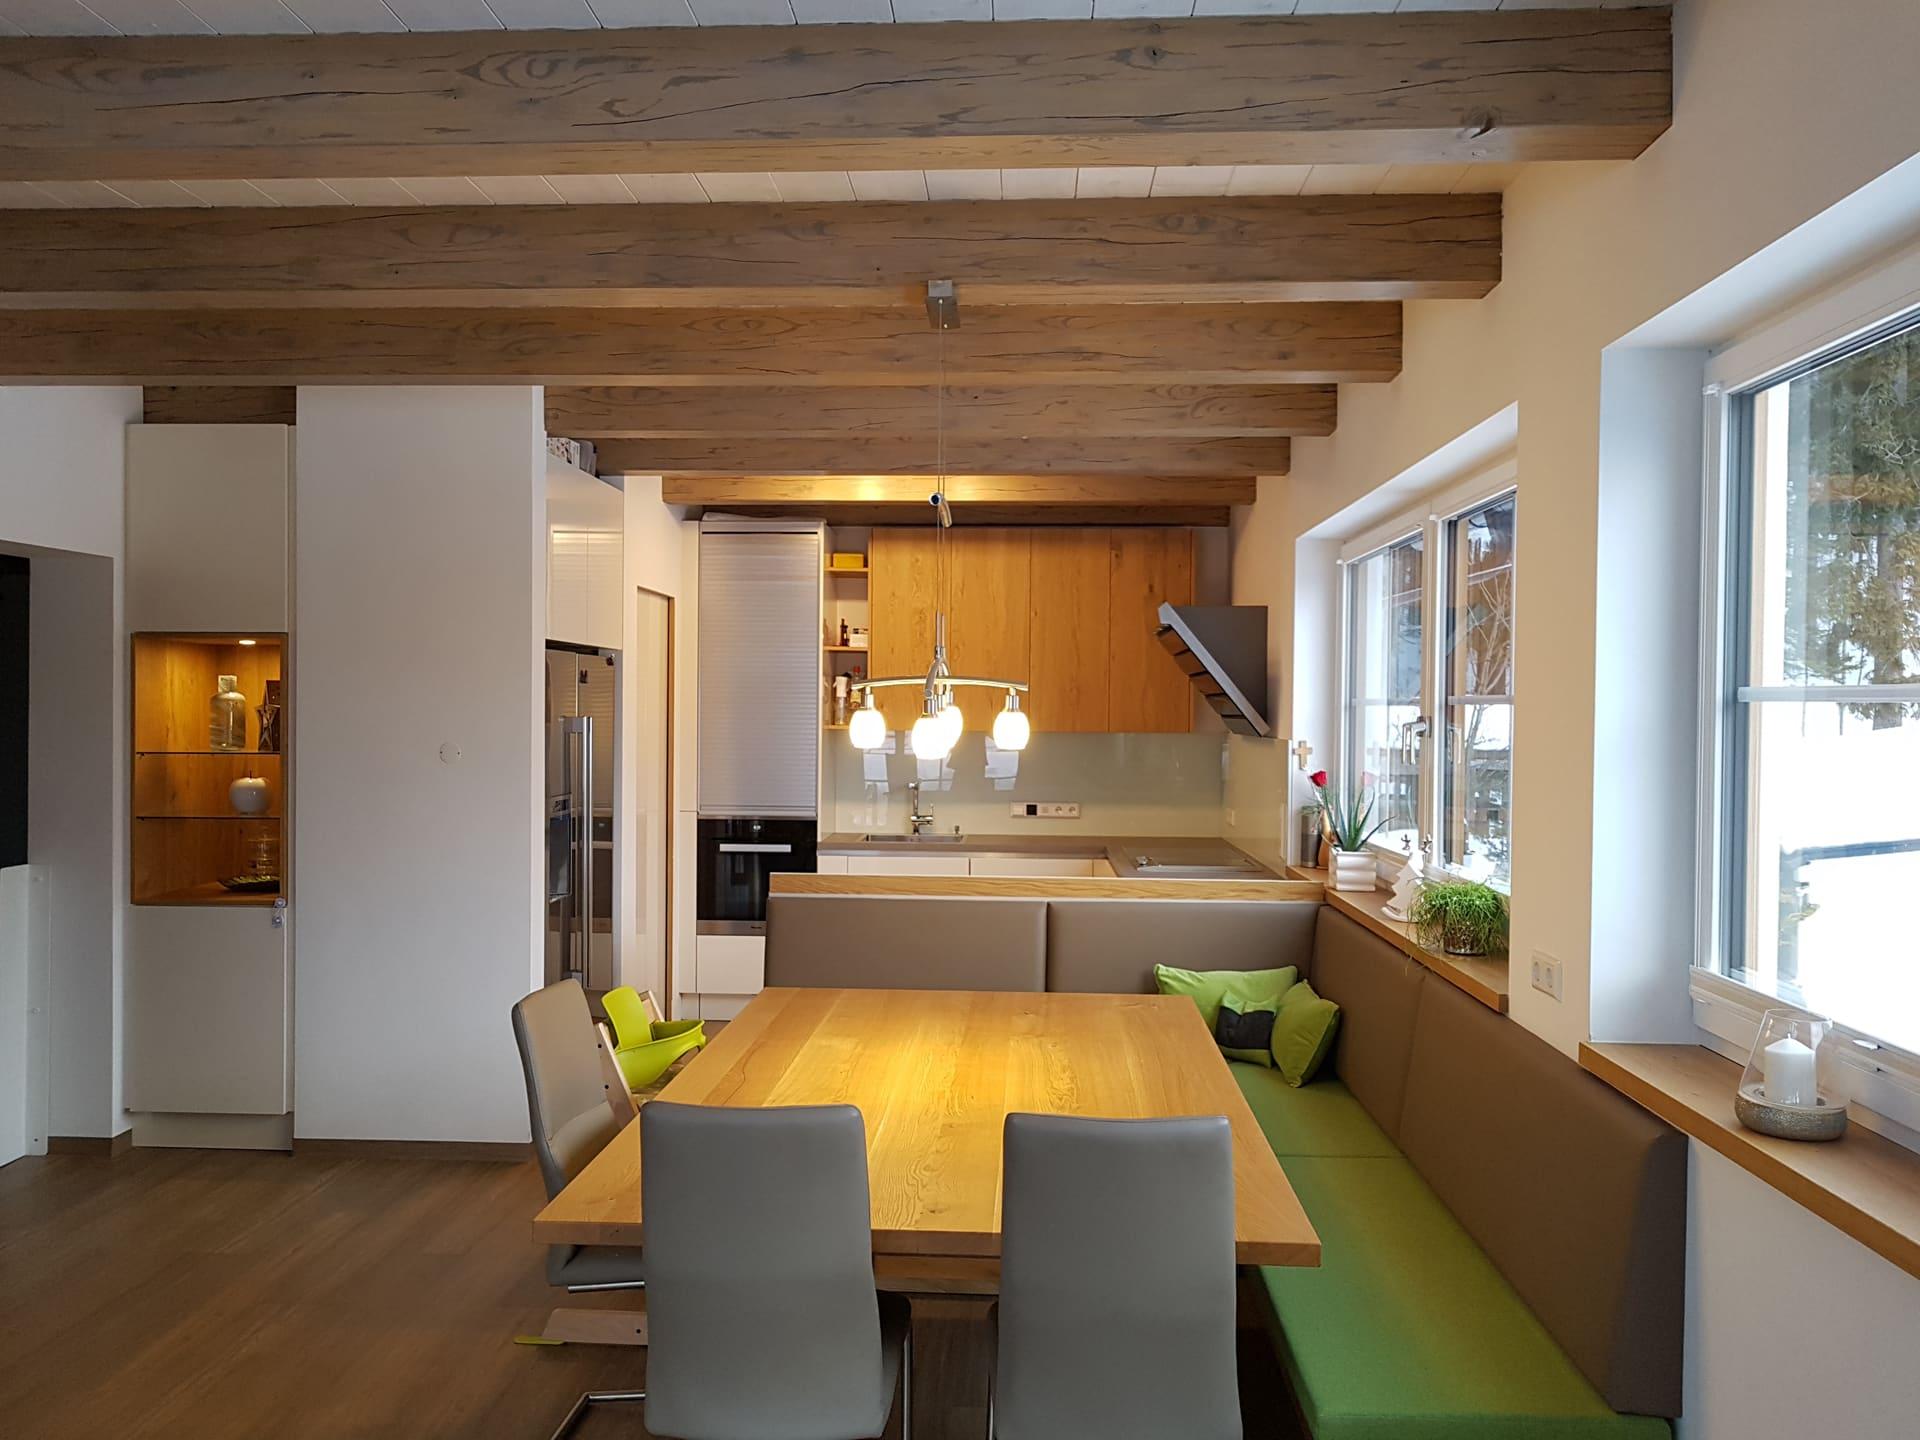 k che mit eckbank und tisch m studio reiter altenmarkt. Black Bedroom Furniture Sets. Home Design Ideas